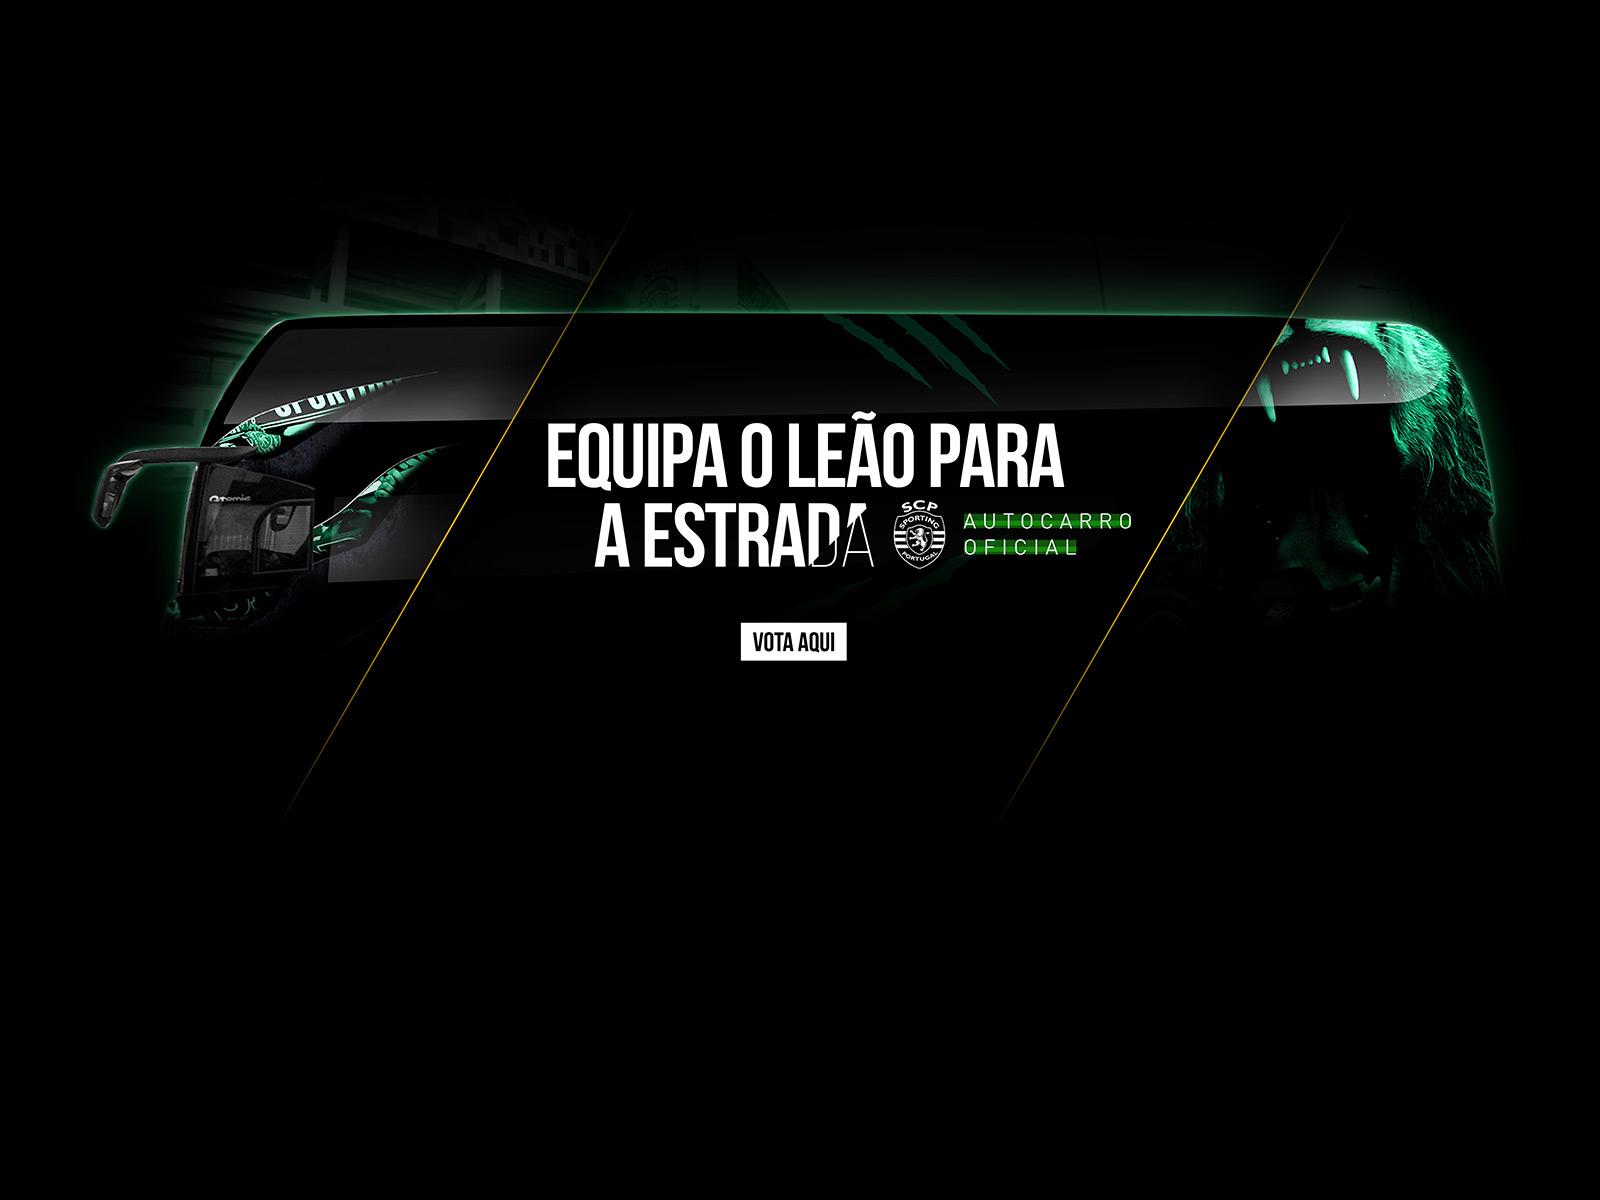 https://scpconteudos.pt/sites/default/files/revslider/image/banner_autocarro.jpg